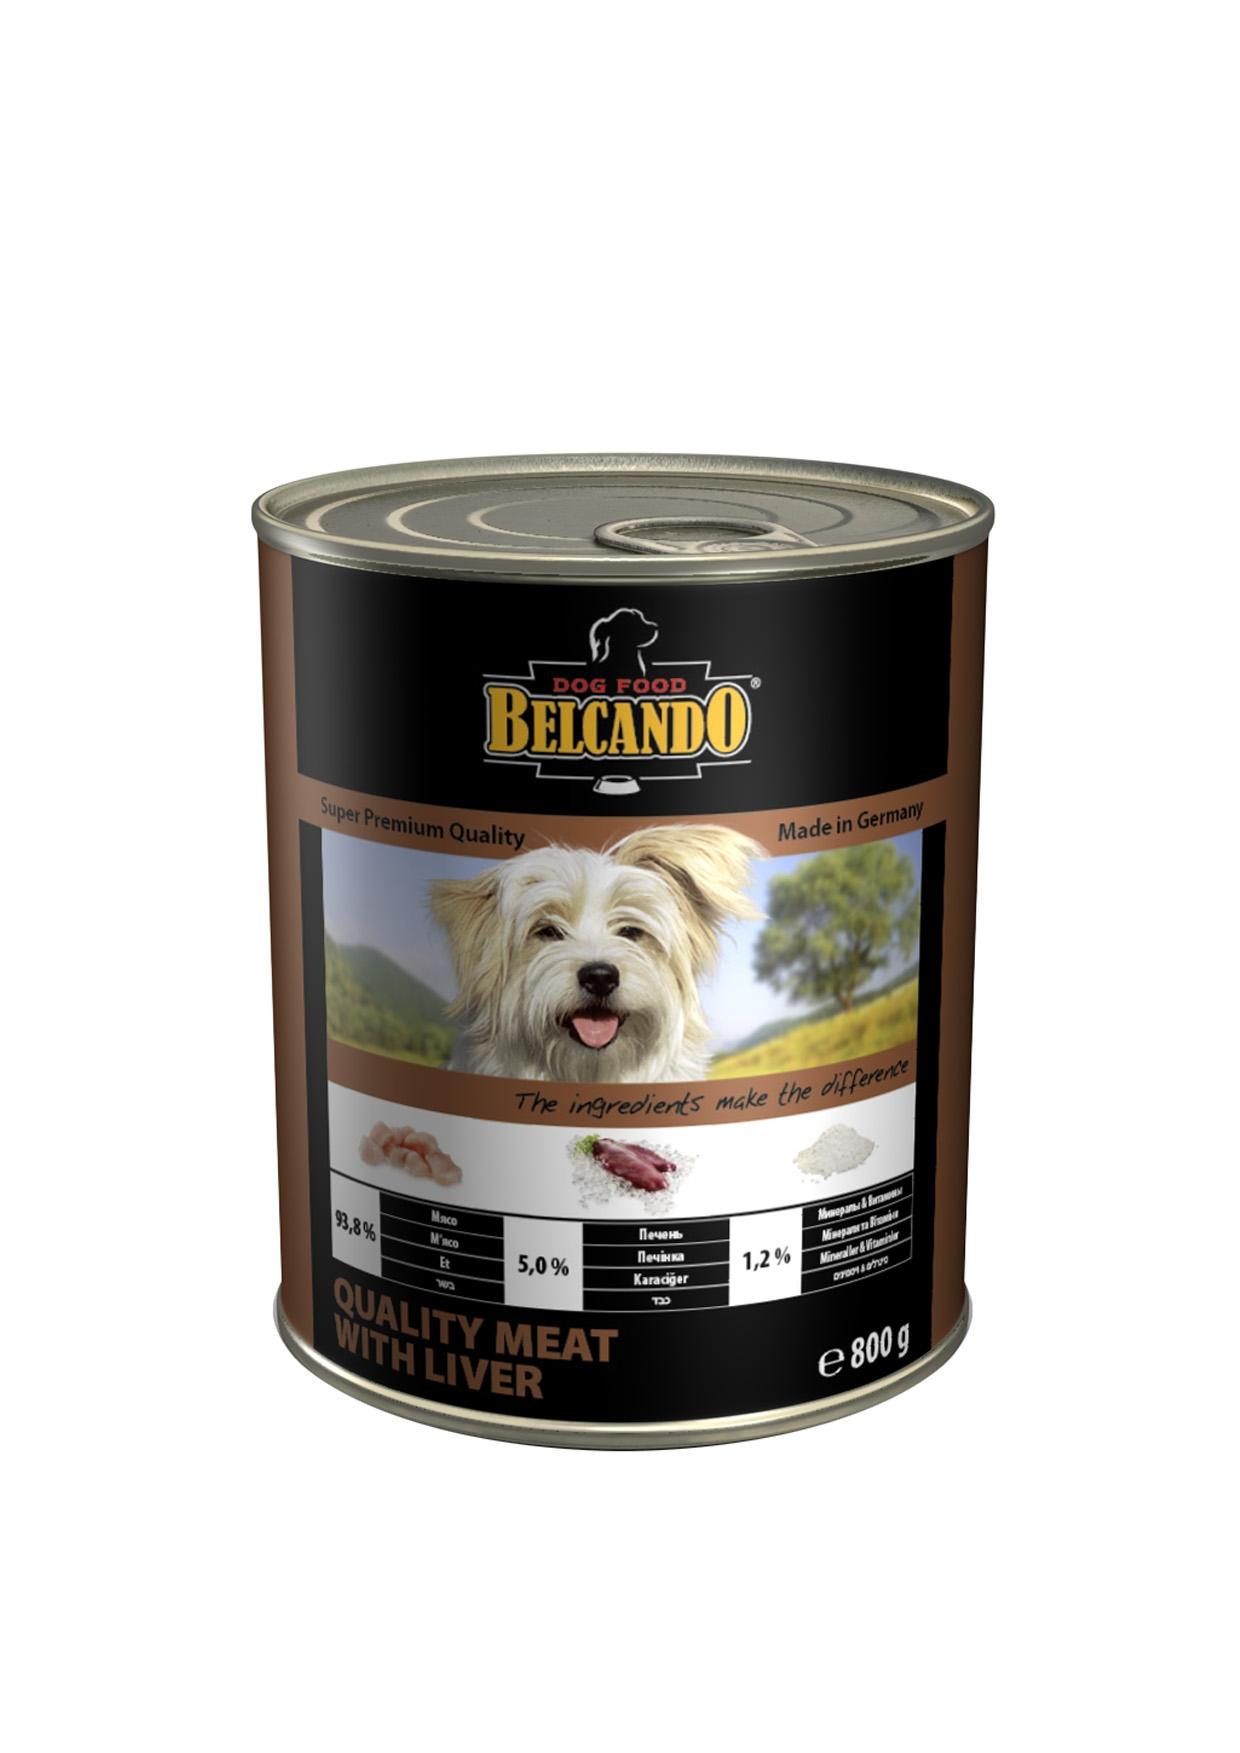 Консервы для собак Belcando, с мясом и печенью, 800 г13155Консервы Belcando - это полнорационное влажное питание для собак. Подходят для собак всех возрастов. Комбинируется с любым типом корма, в том числе с натуральной пищей. Состав: мясо 93,8%, печень 5%, витамины и минералы 1,2%. Анализ состава: протеин 14 %, жир 5,5 %, клетчатка 0,2 %, зола 2 %, влажность 79 %, витамин А 2,500 МЕ/кг, витамин Е 40 мг/кг, витамин D3 250 МЕ/кг, кальций 0,4 %, фосфор 0,16 %.Вес: 800 г.Товар сертифицирован.